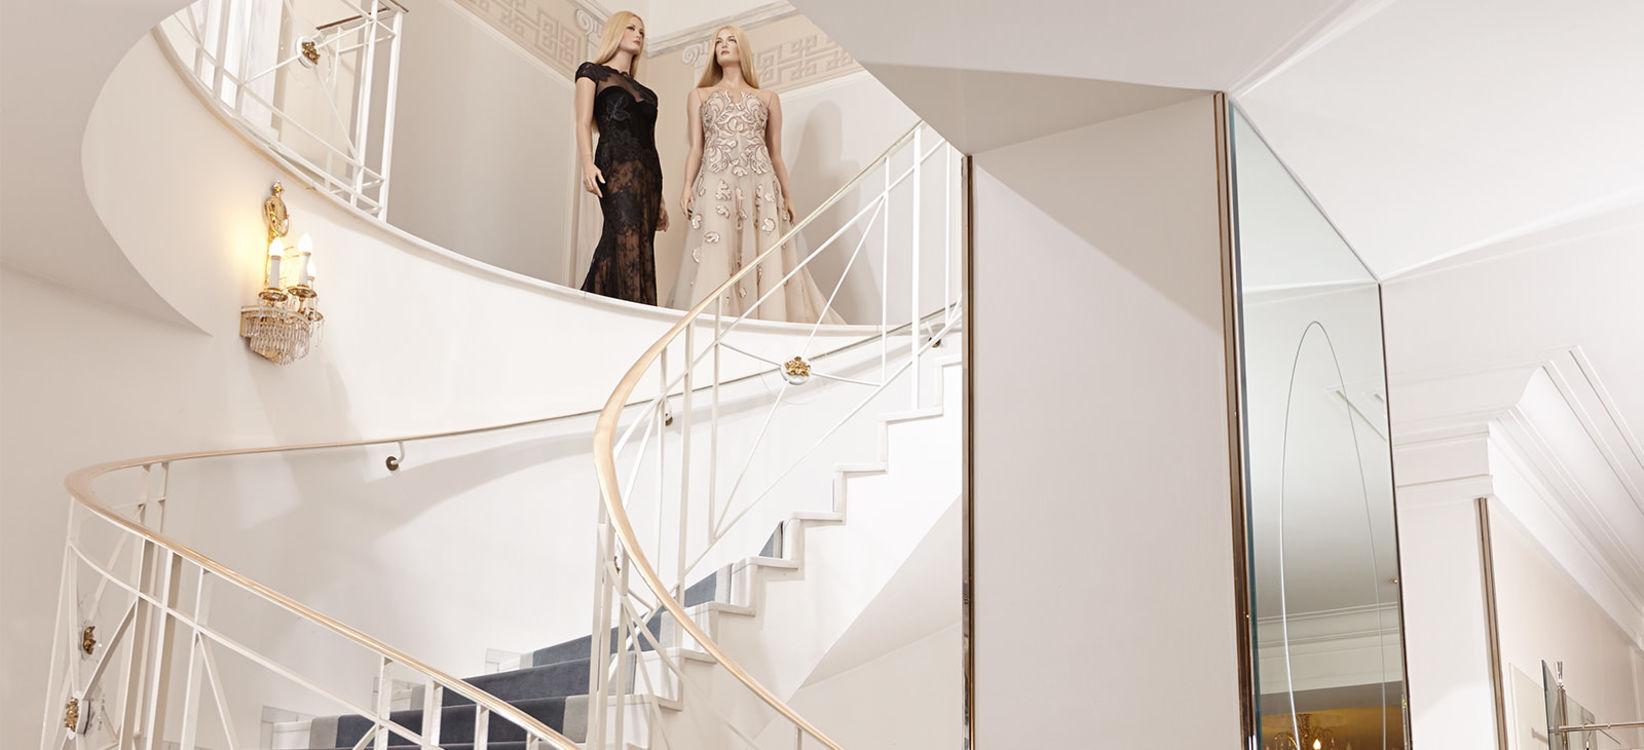 Max Dietl Haute Couture na Munique (Bild 2)